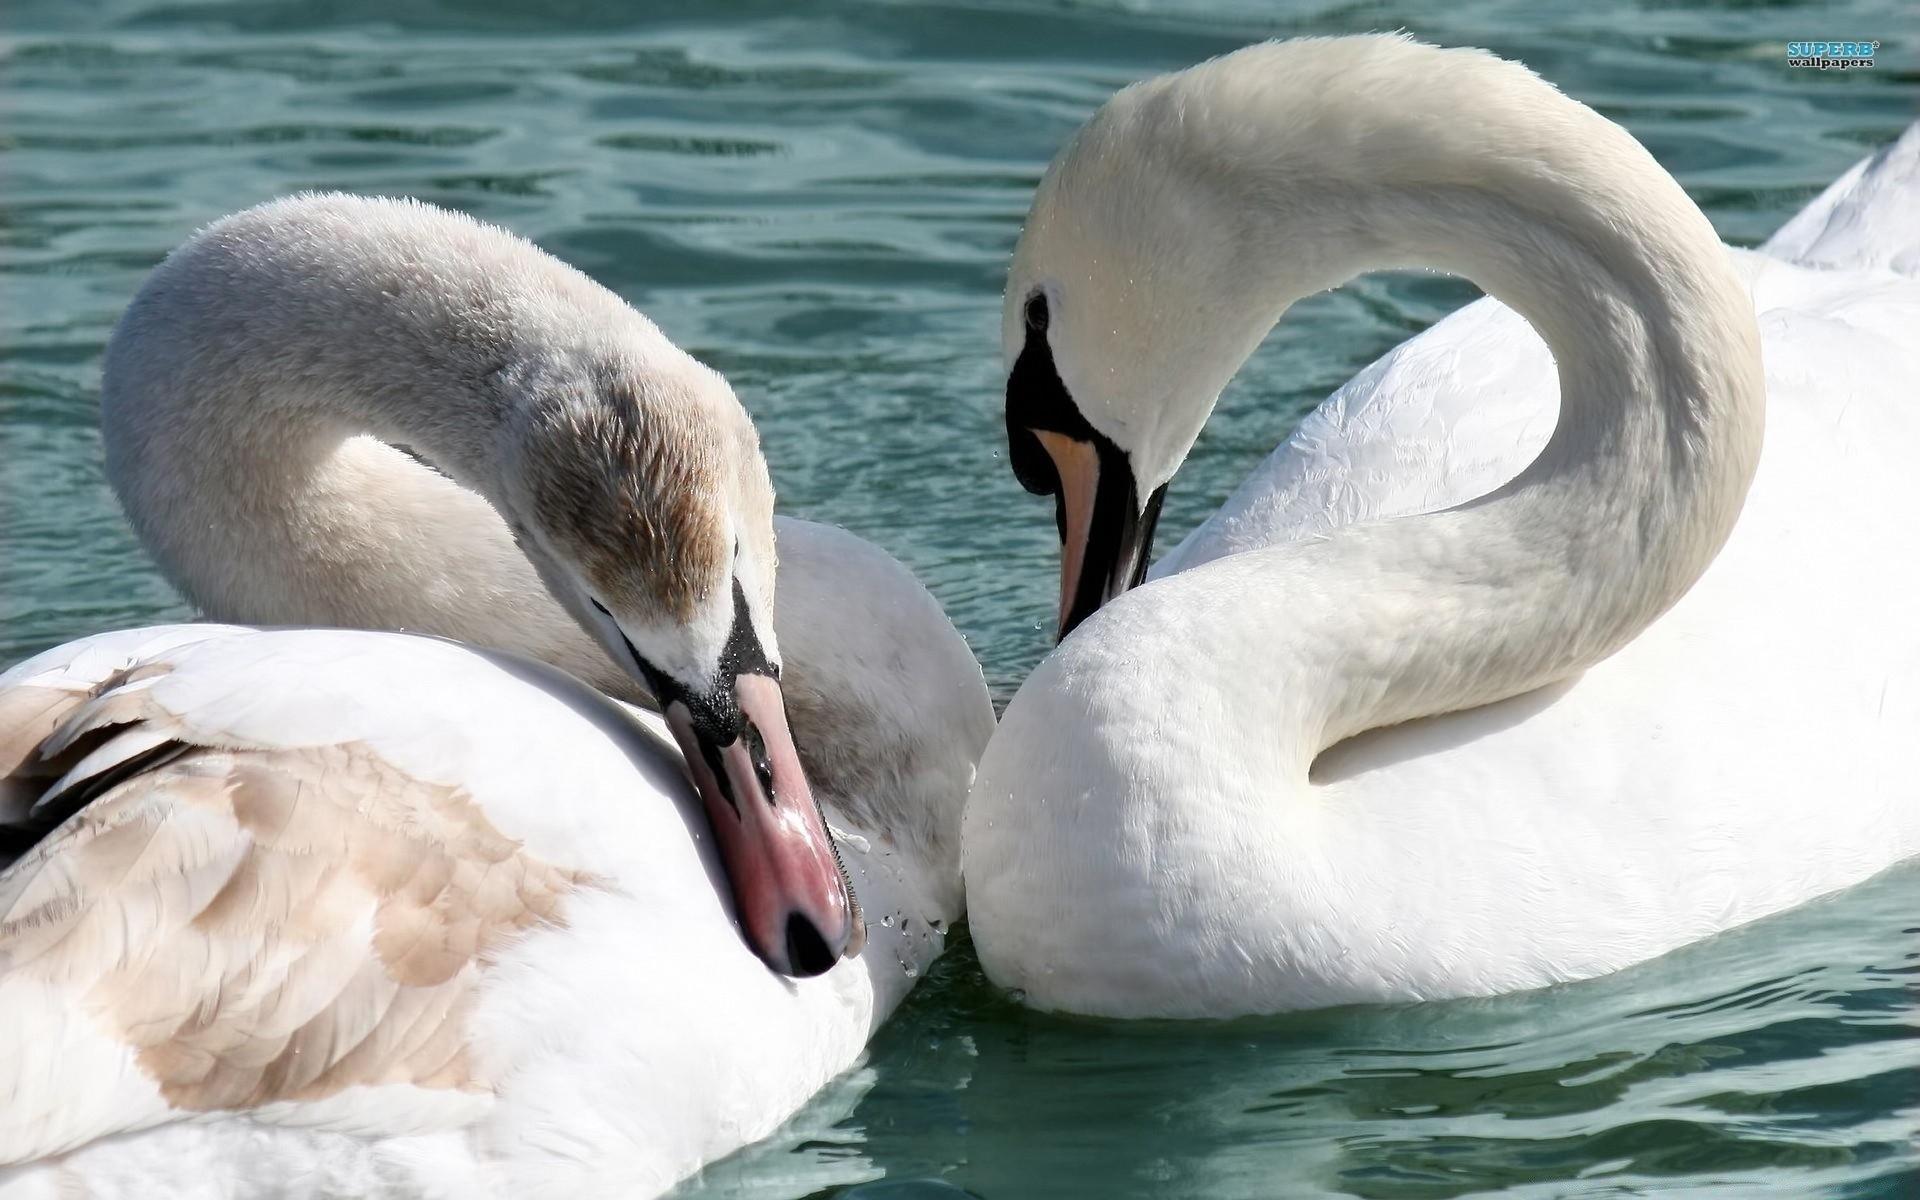 Обои на телефон с лебедями (6)